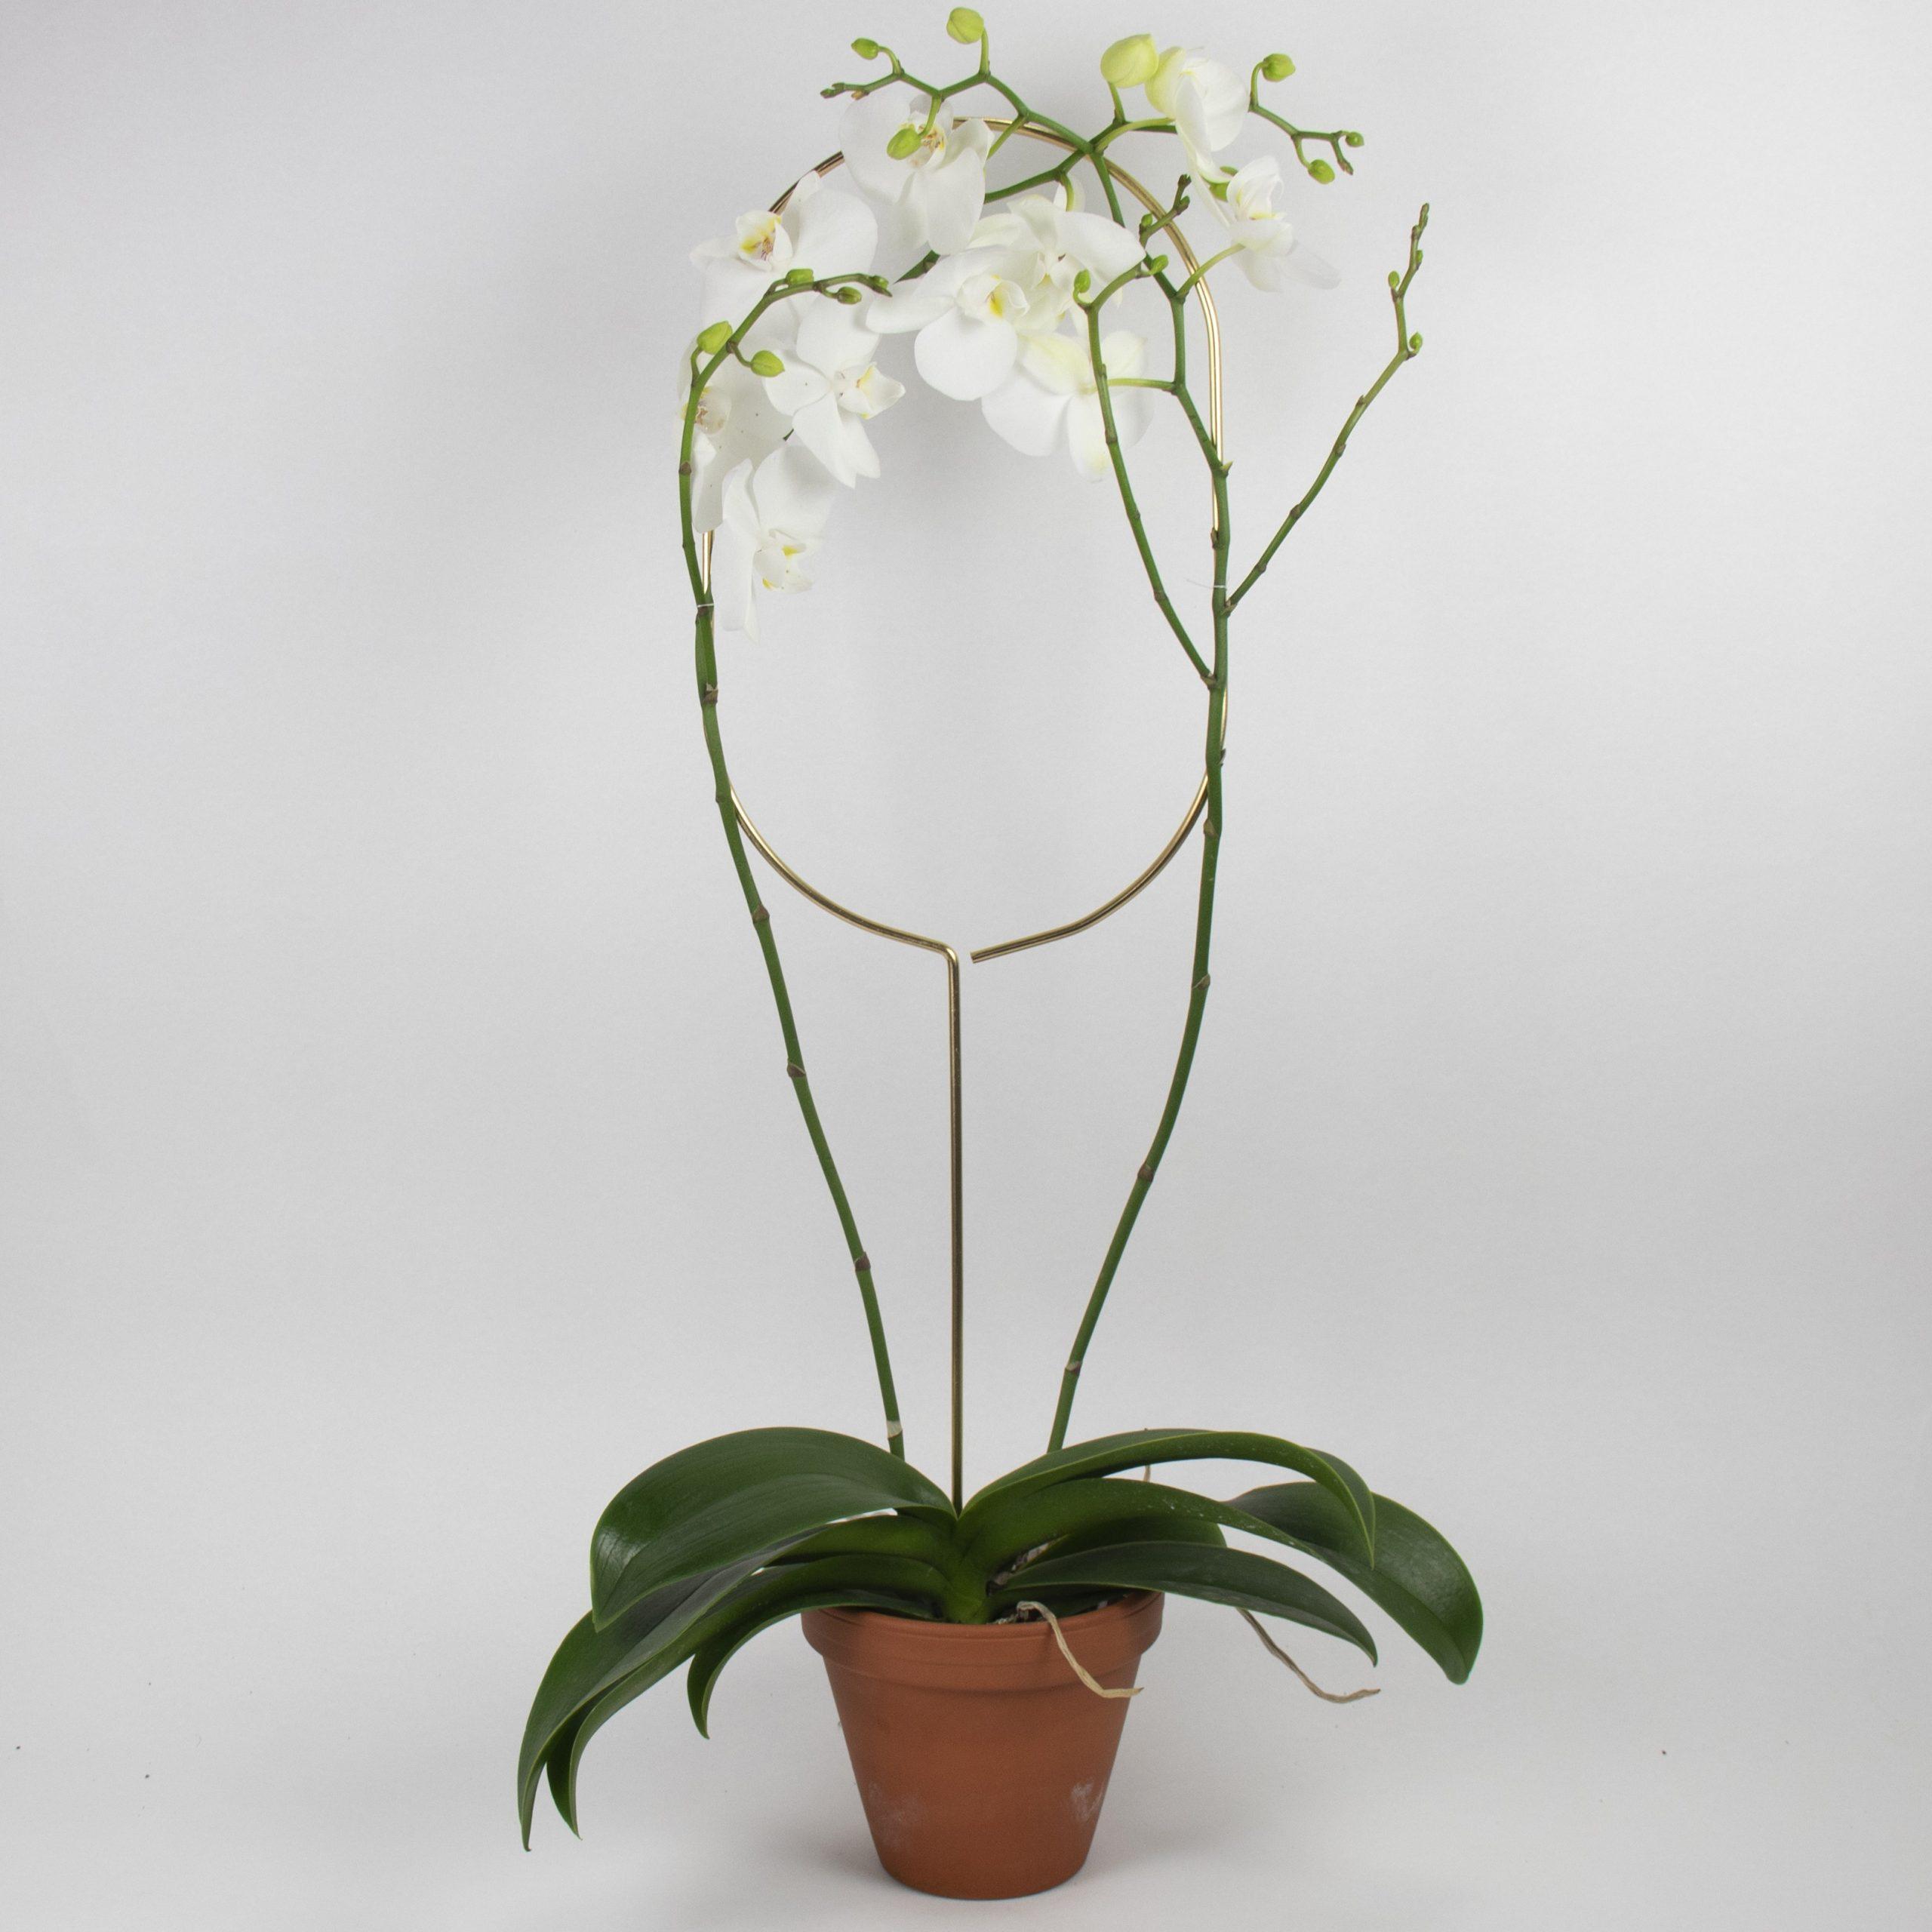 Botanopia plantenstandaard ondersteuning boog met orchidee